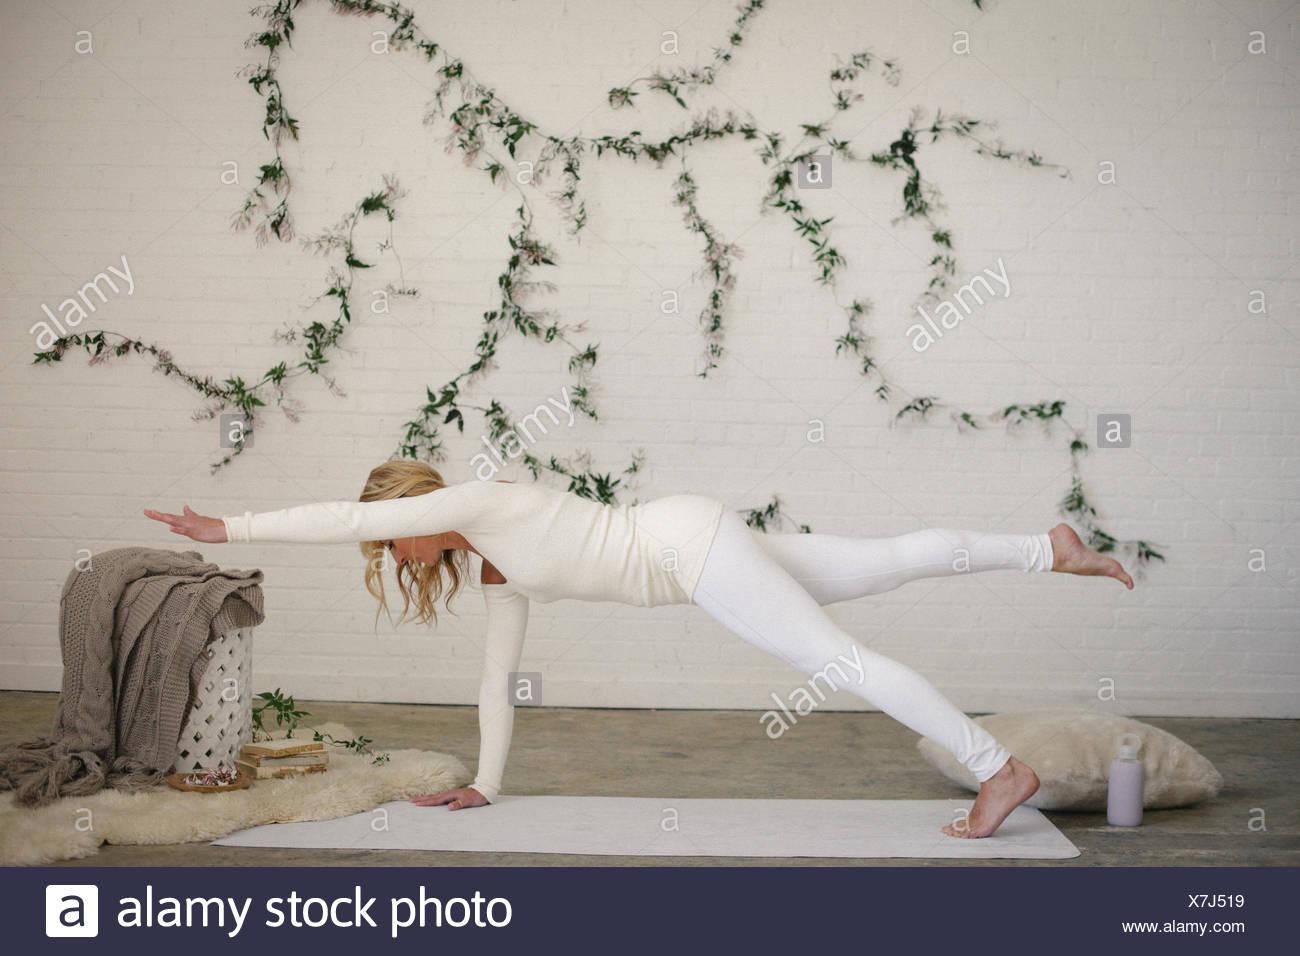 Une femme blonde sur un tapis blanc dans une chambre, sa jambe et bras tendus. Une plante rampante sur le mur derrière elle. Photo Stock